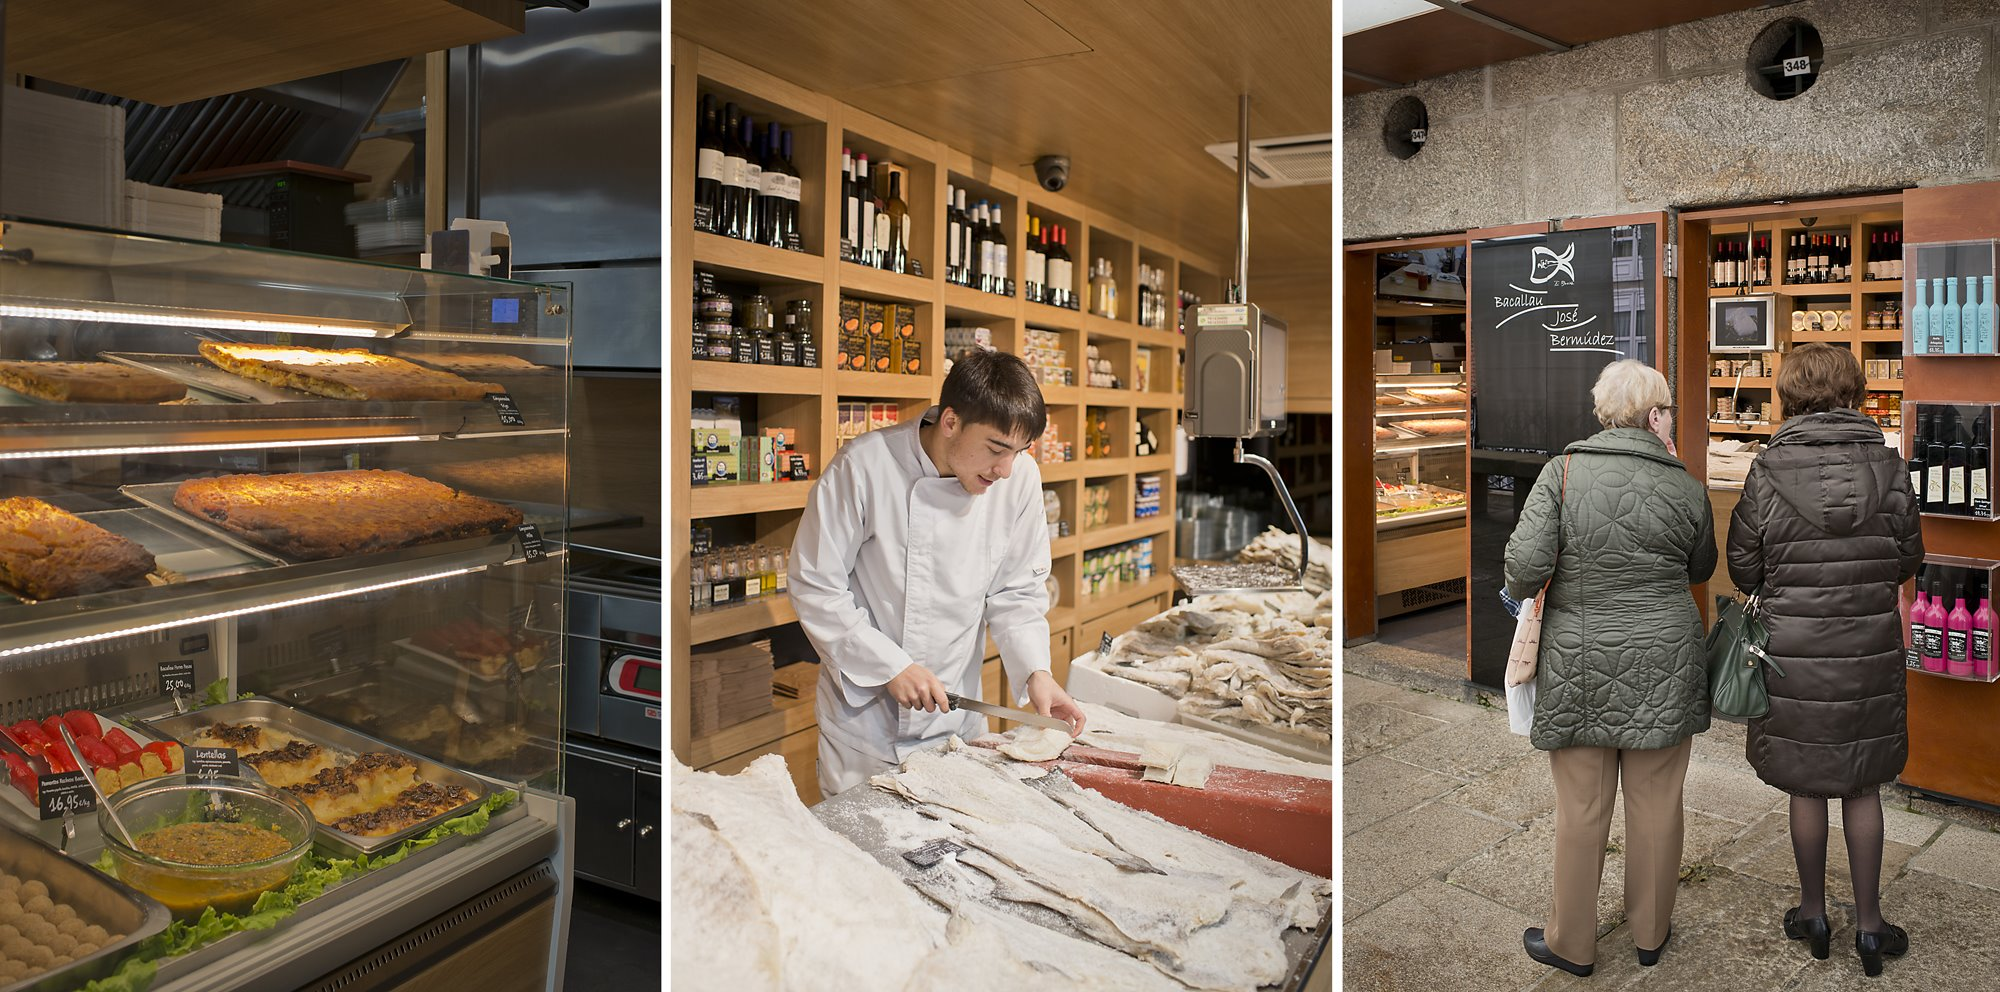 Para quien lo prefiera ya cocinado, también hay guisos y diversas preparaciones.